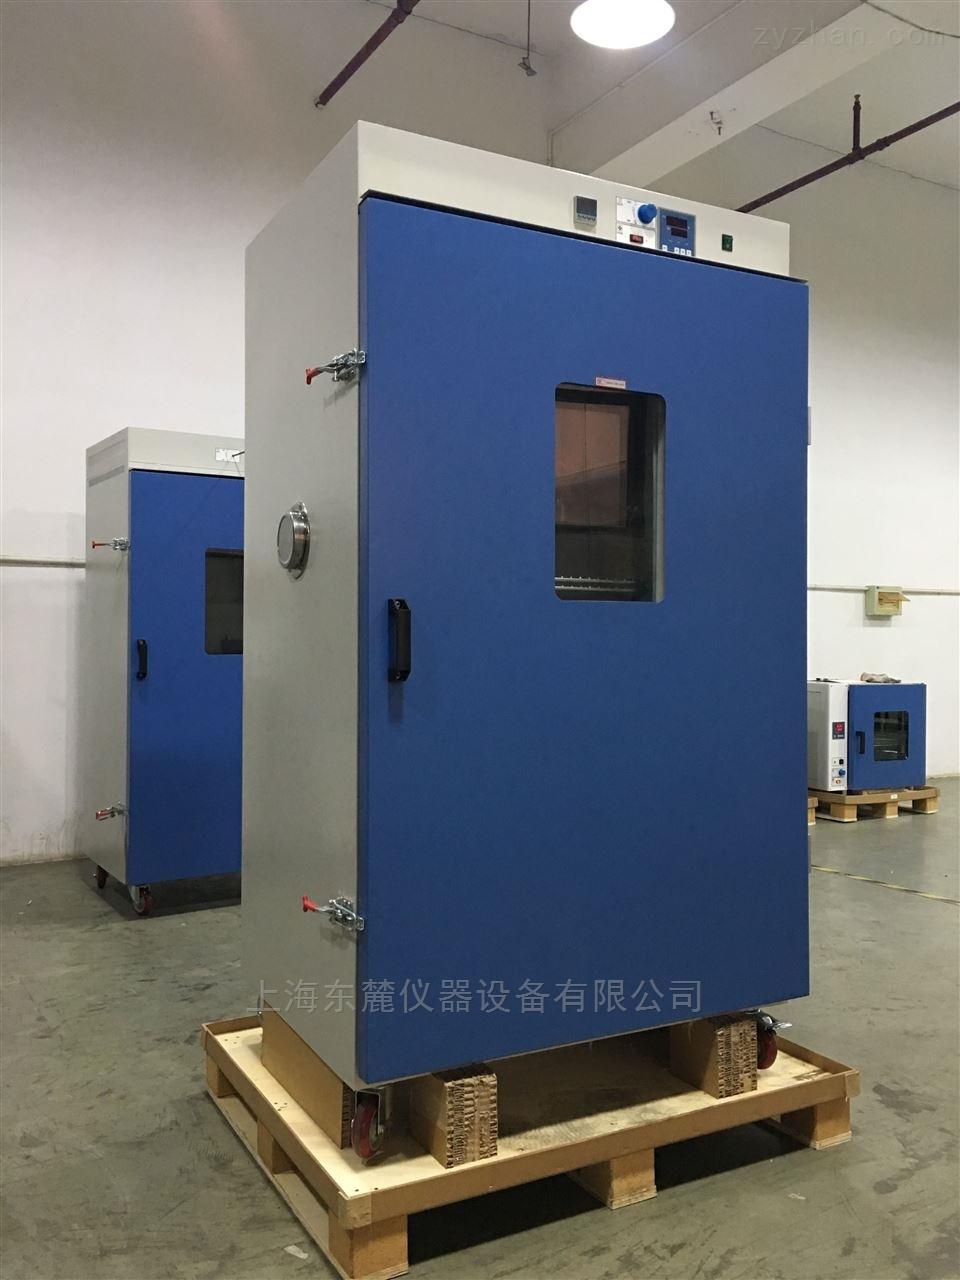 烘箱选配超温保护引线孔